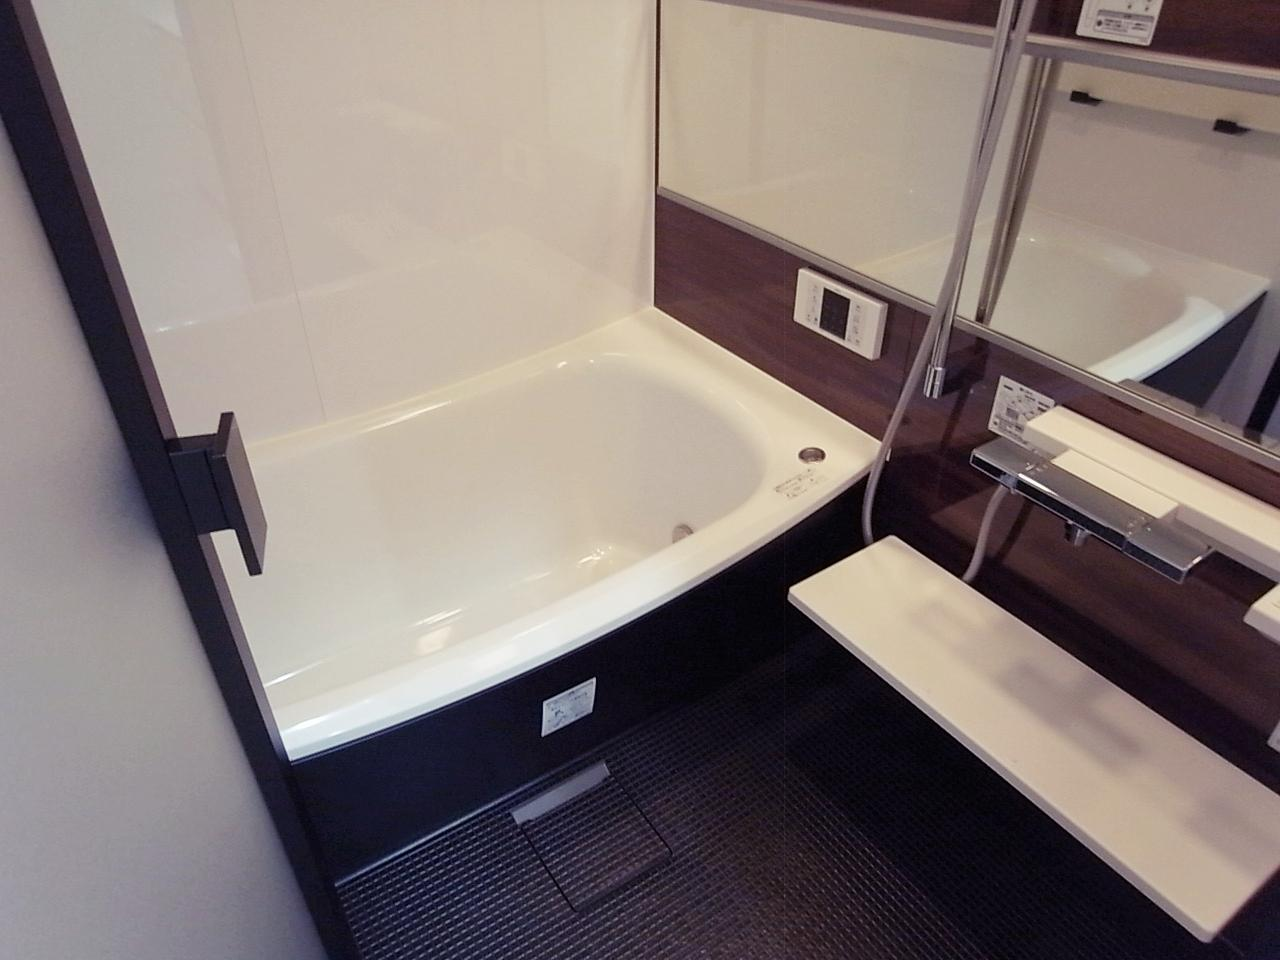 床が吸い付くような柔らかさの浴室に人類の進化を感じる。